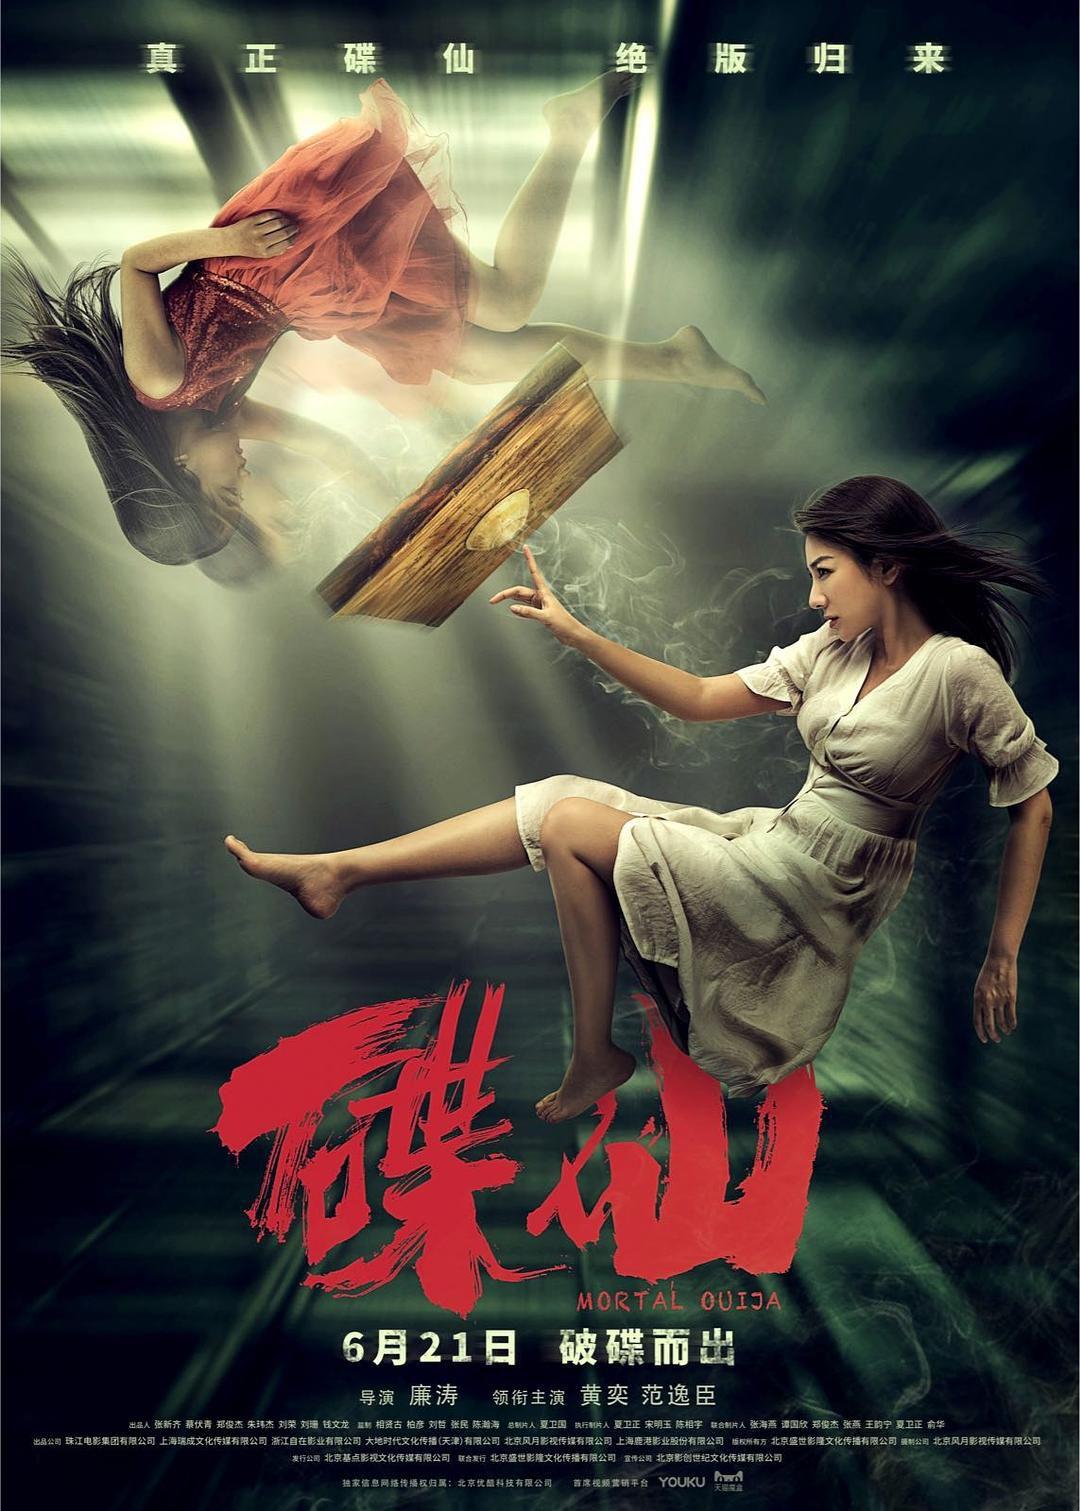 国产恐怖片出现新希望,剖析《碟仙》背后的宣发路数   专访基点影视杨磊